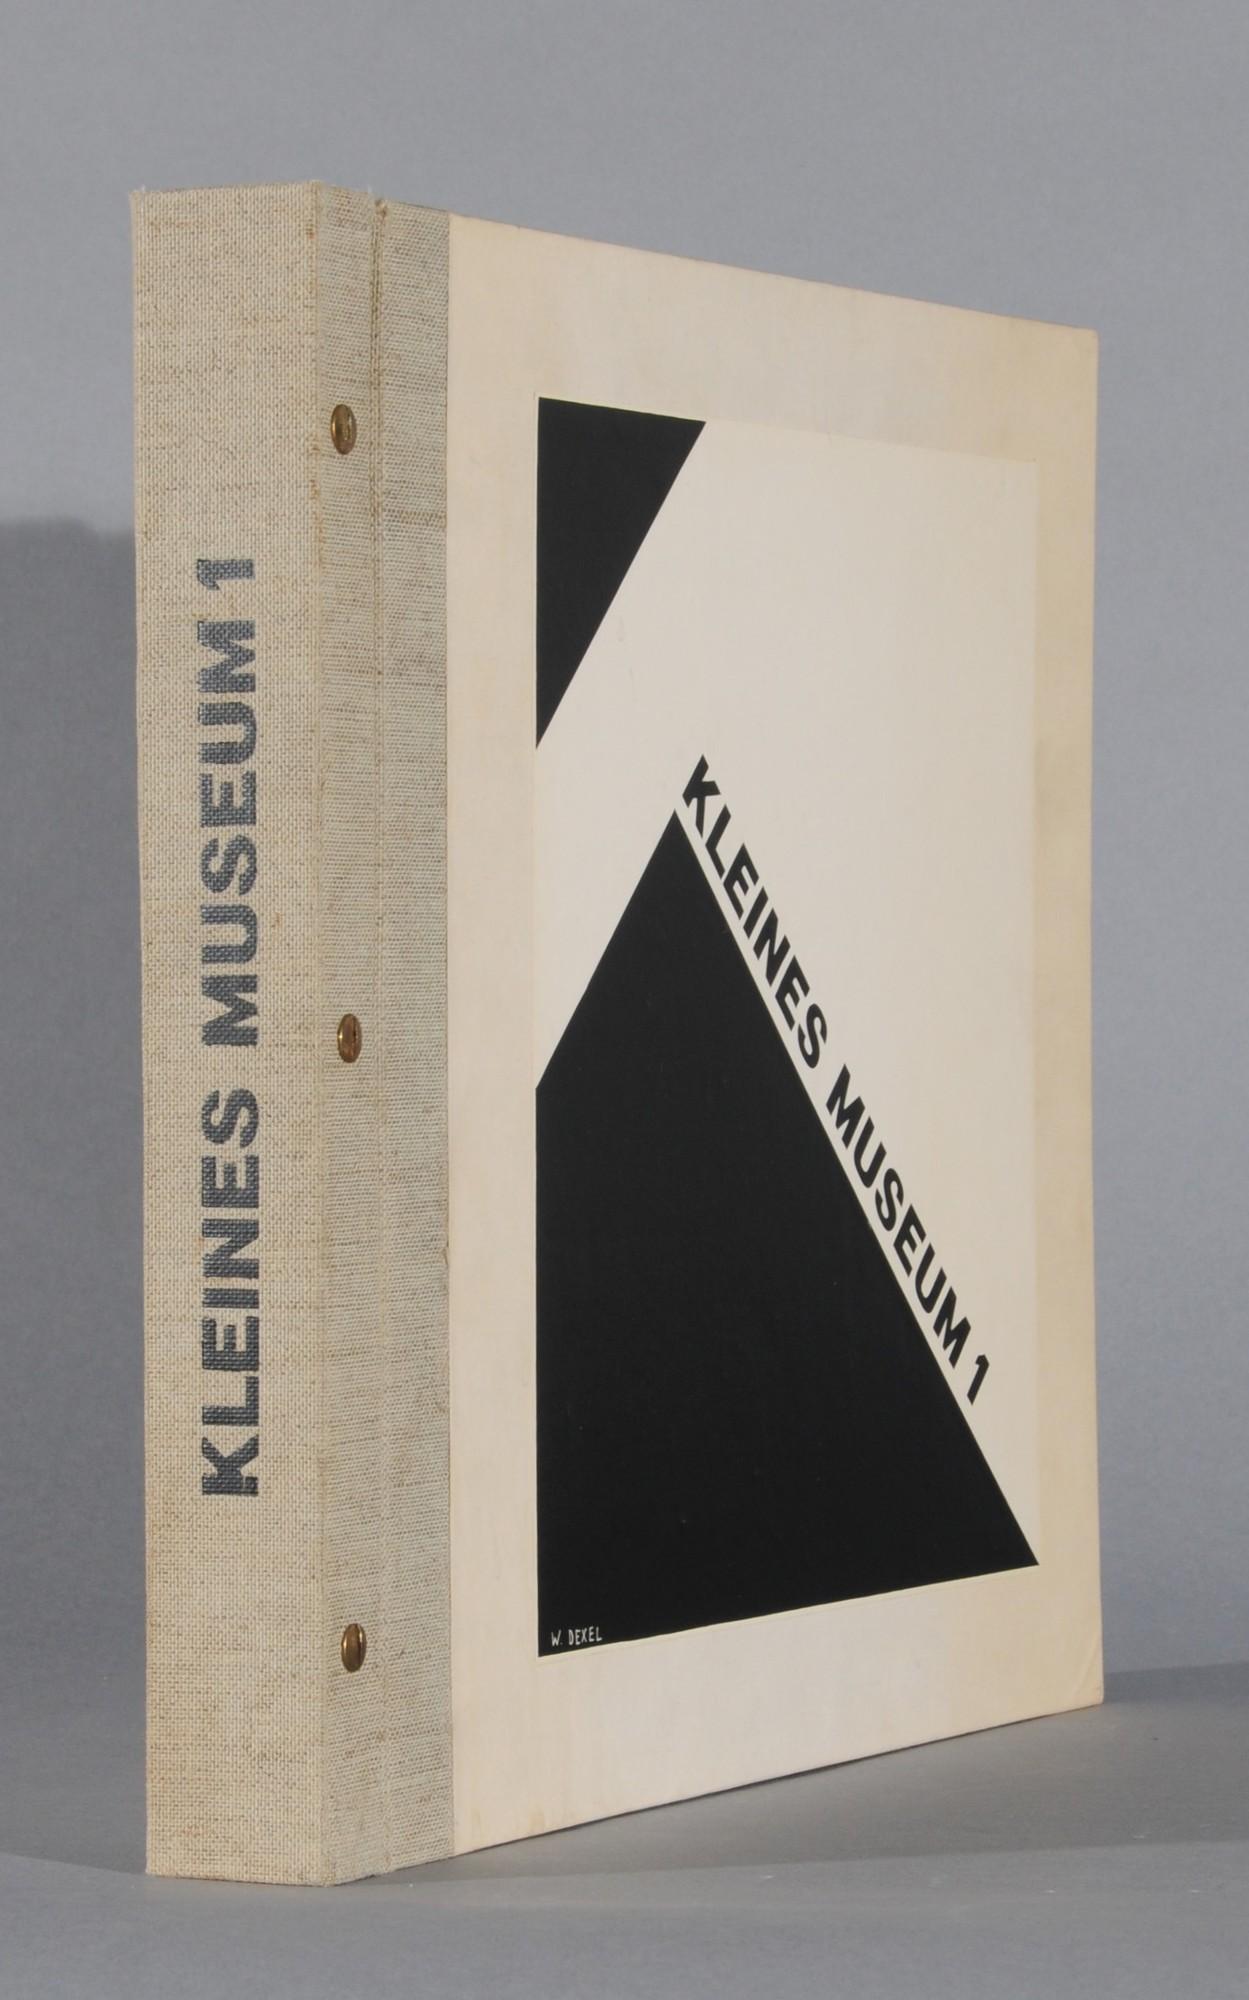 Portfolio, Book. Kleines Museum 1